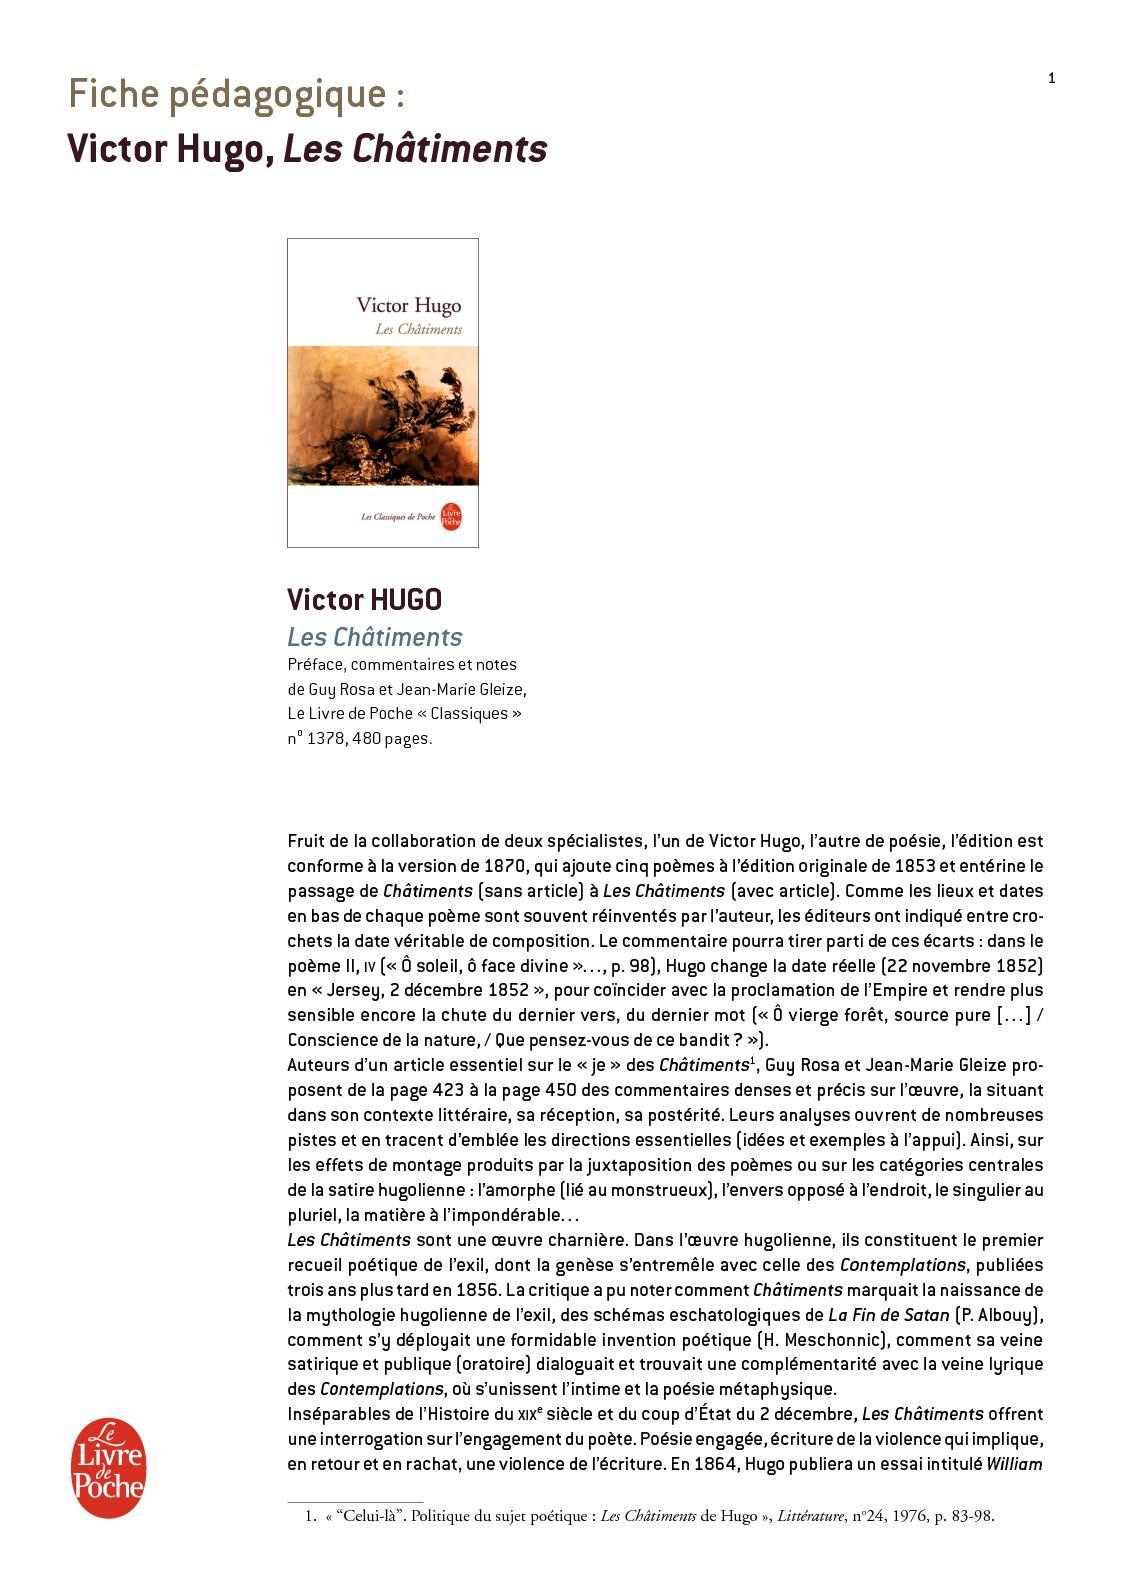 Calaméo Fiche Pédagogique Châtiments Les Victor Hugo